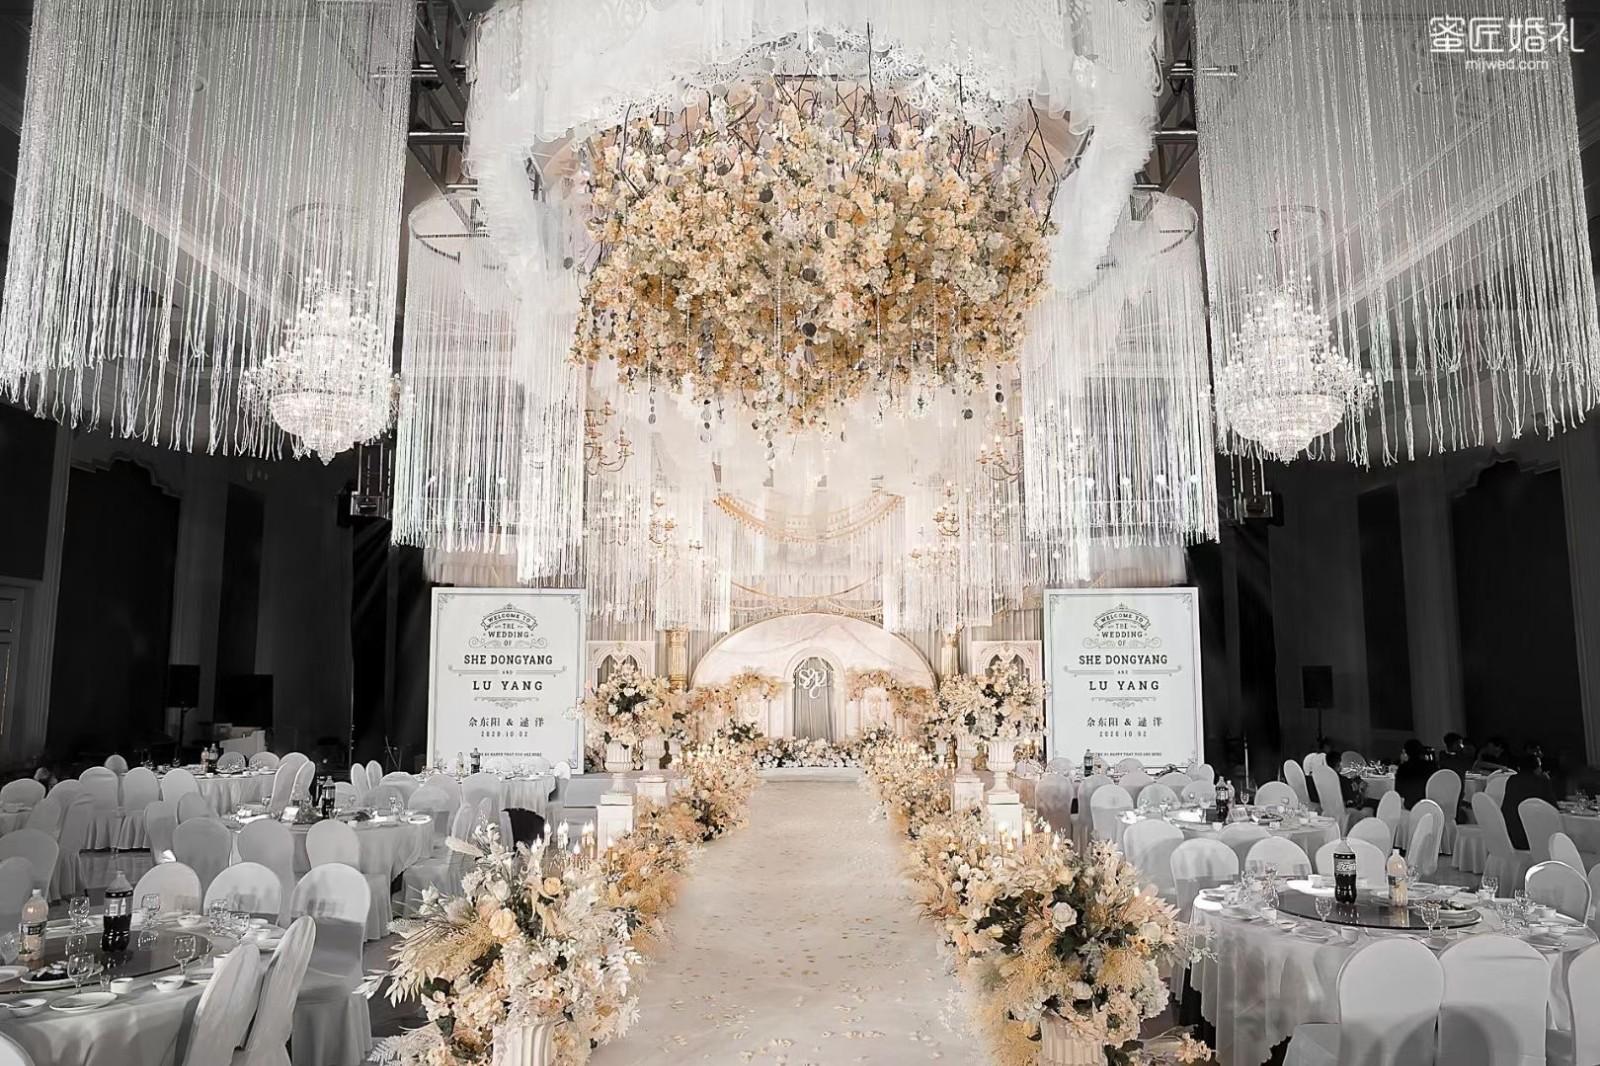 竹溪一般婚礼找拍摄要多少钱 竹溪婚礼跟拍跟摄都要请吗